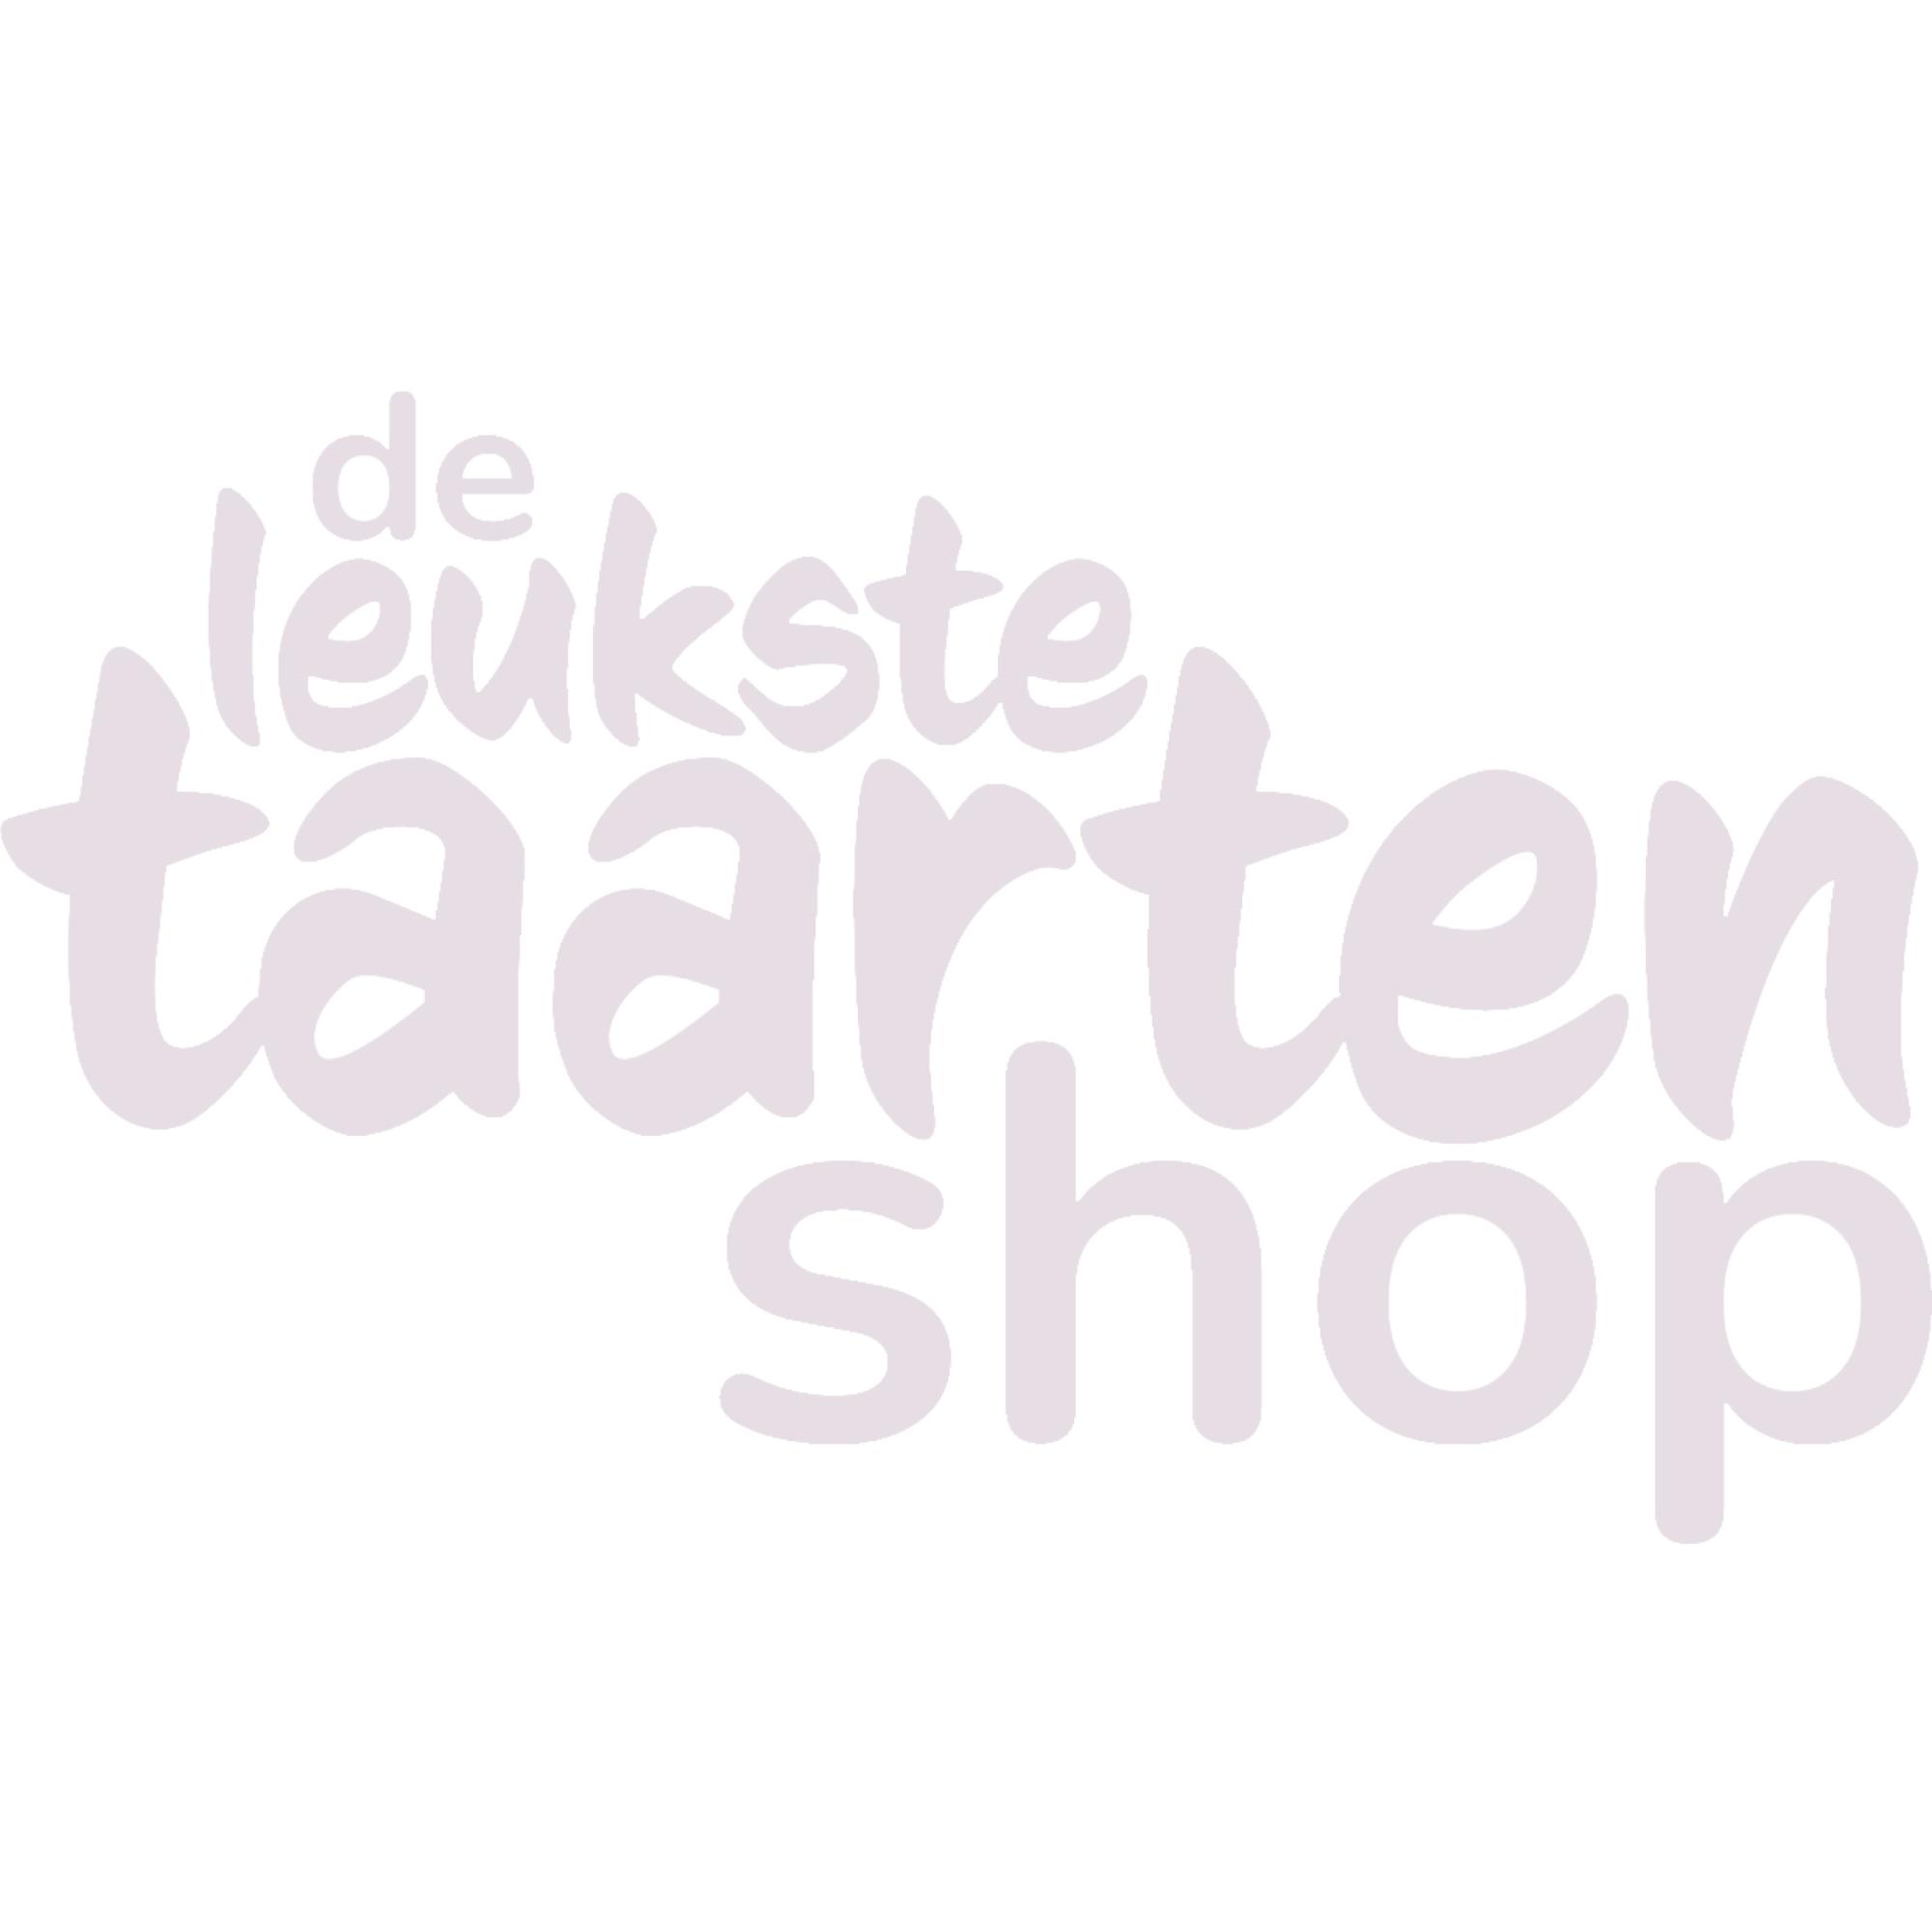 Callebaut Chocolate Mini Cups -Dark- pk/15 | Deleukstetaartenshop.com